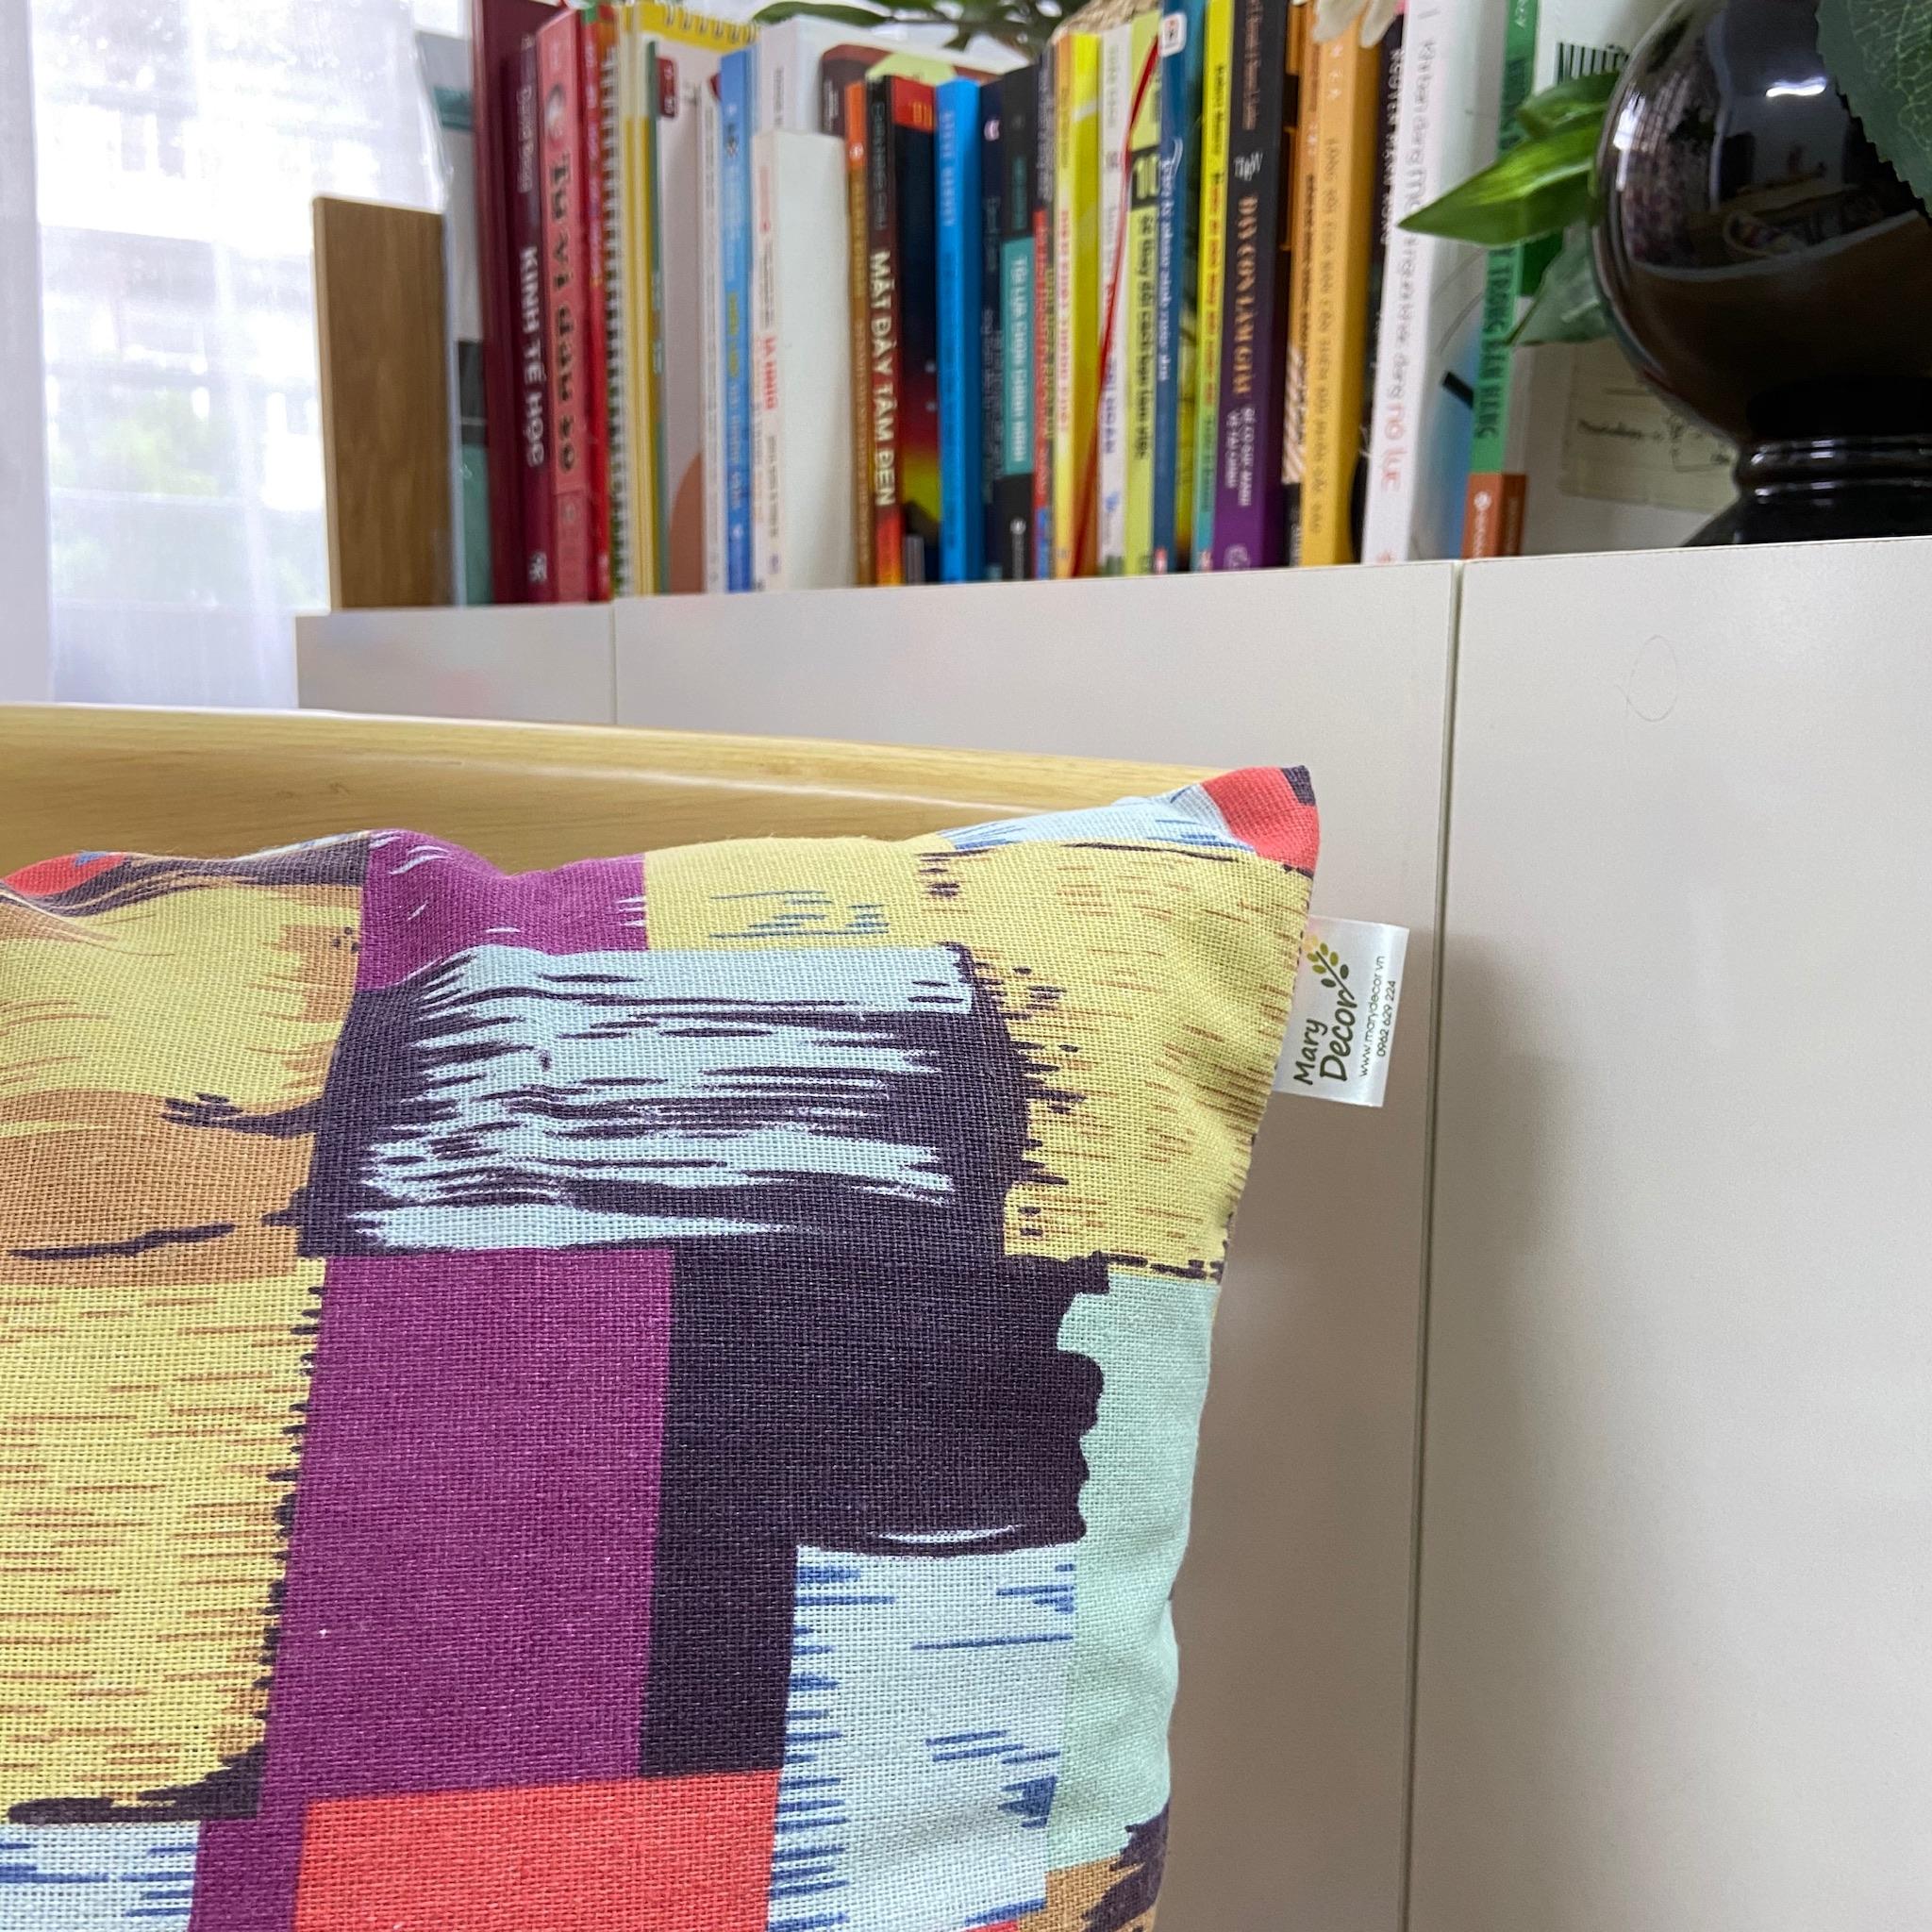 Rèm cửa sổ chống nắng decor MARYTEXCO trang trí nhà cửa, làm dịu nhẹ ánh sáng tự nhiên, rèm ore hoàn thiện tặng kèm dây buộc rèm vintage - họa tiết SẮC MÀU R-A05